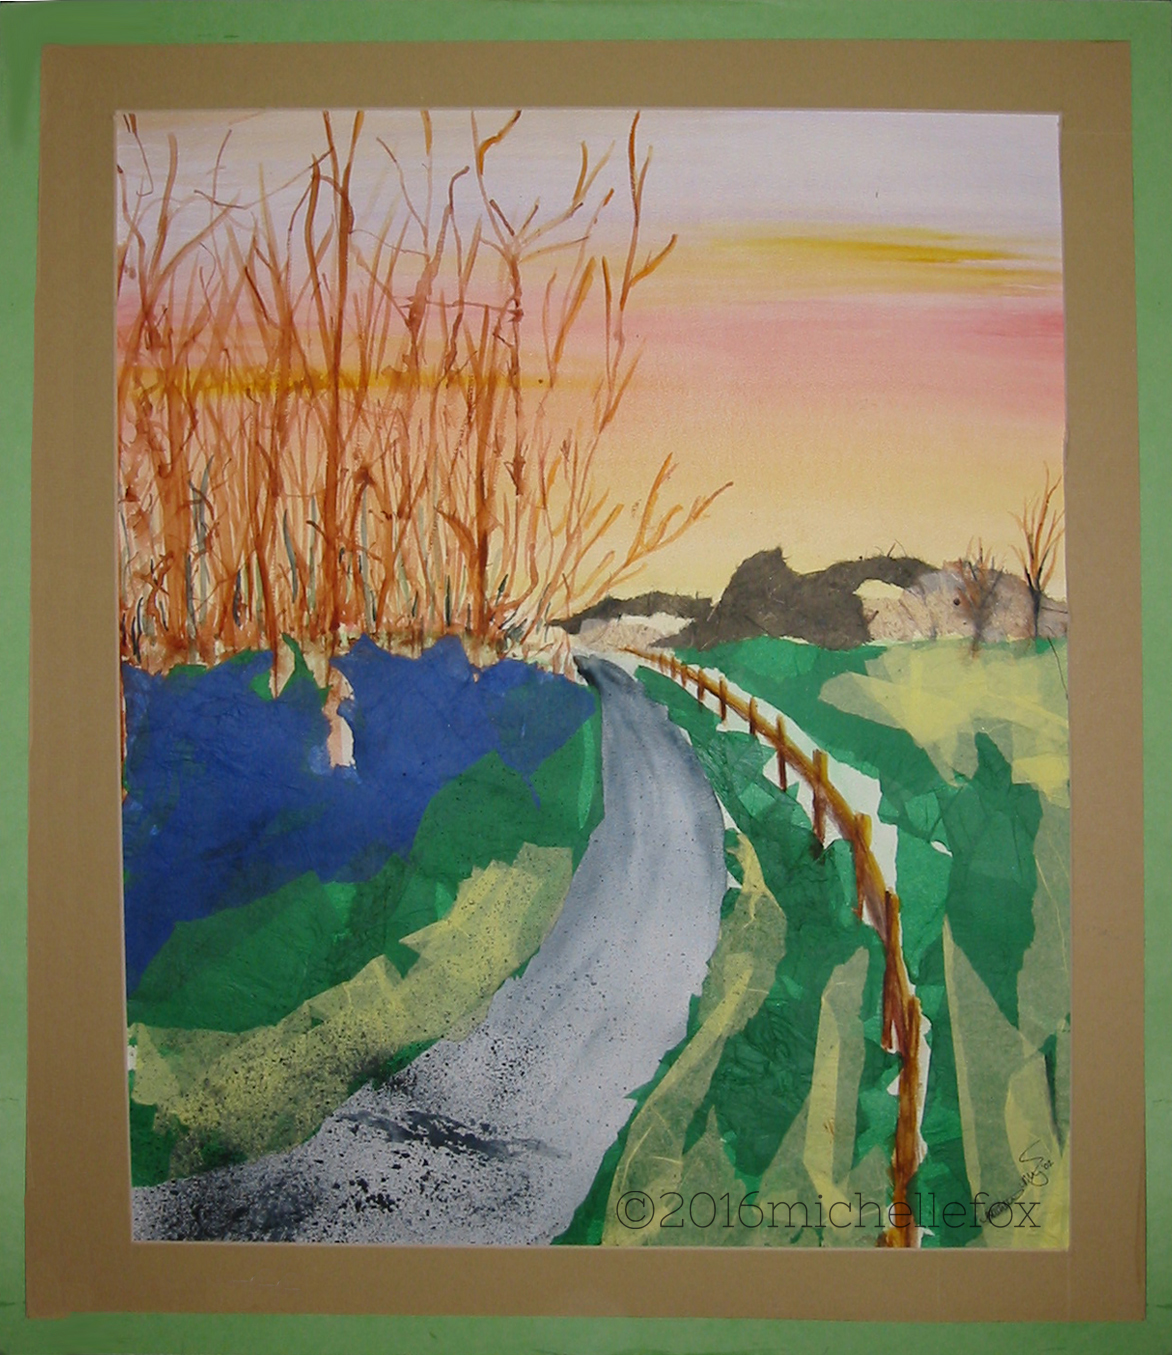 2002_03-road-copy